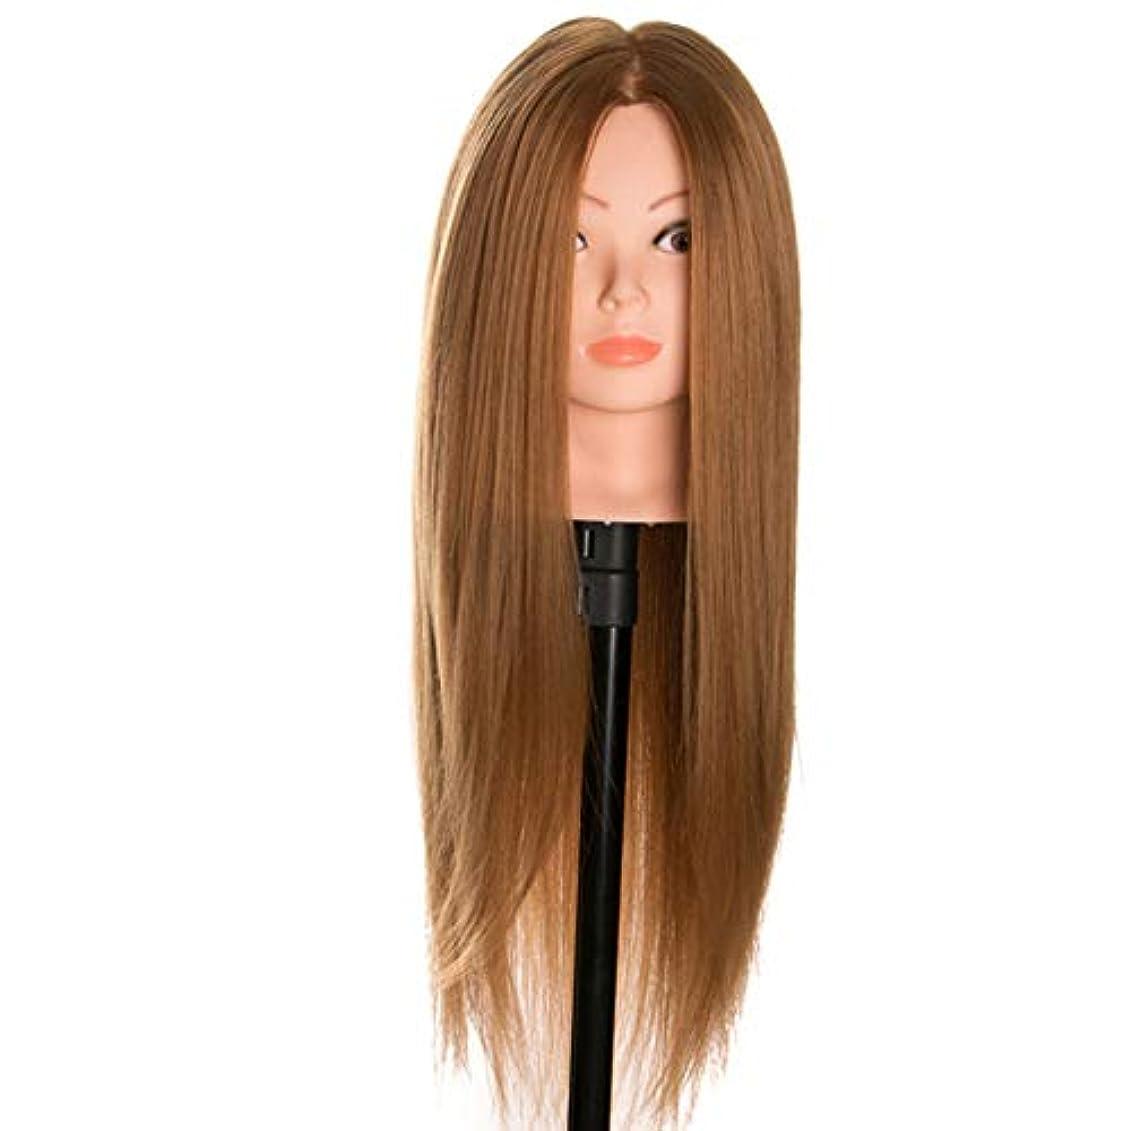 警報超えて栄光メイクディスクヘアスタイリング編み教育ダミーヘッド理髪ヘアカットトレーニングかつらサロンエクササイズヘッド金型3個